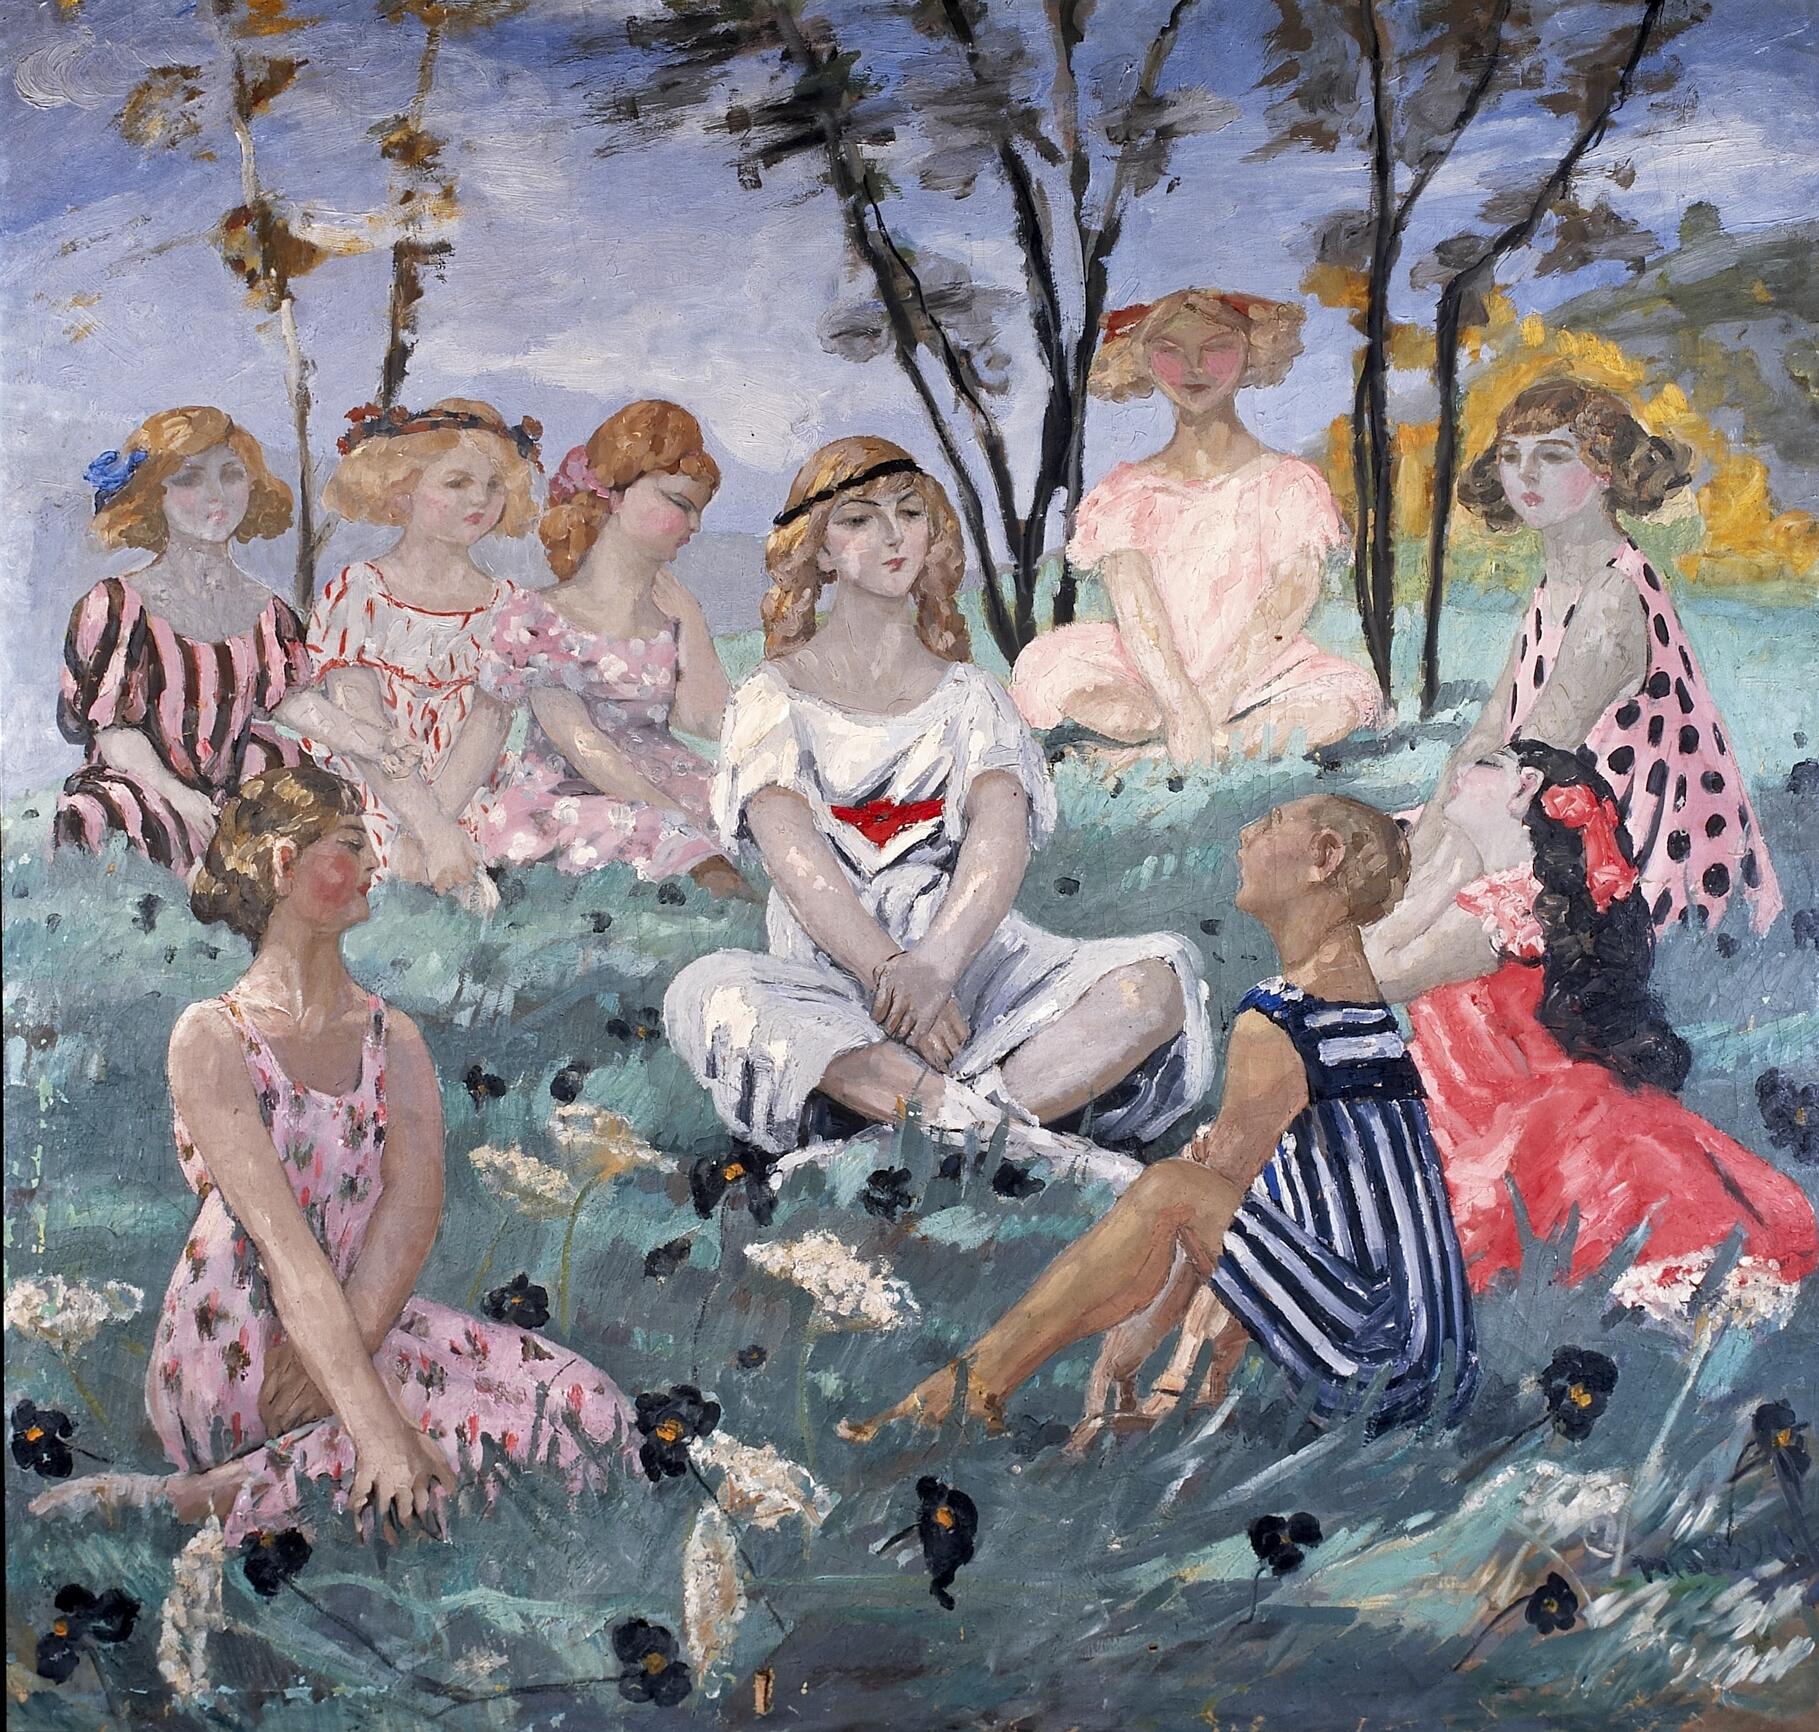 Sylvie ou le Chant d'Adrienne. Huile sur toile, 220 x 200 cm. Collection privée.